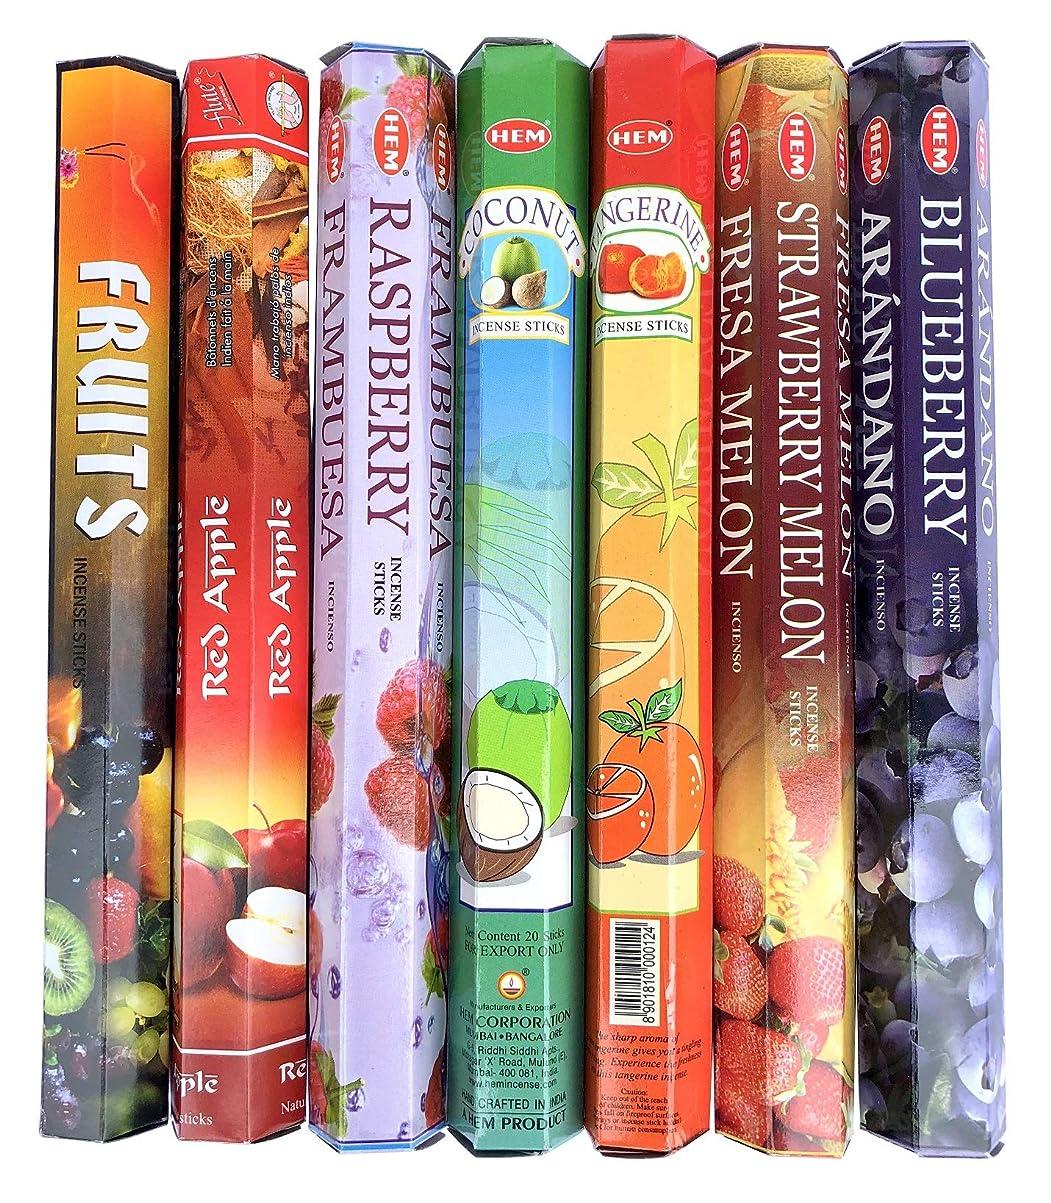 ブリリアント格差原点インド香 フルーツの香り7種類セット スティック 甘い香り HEM社等